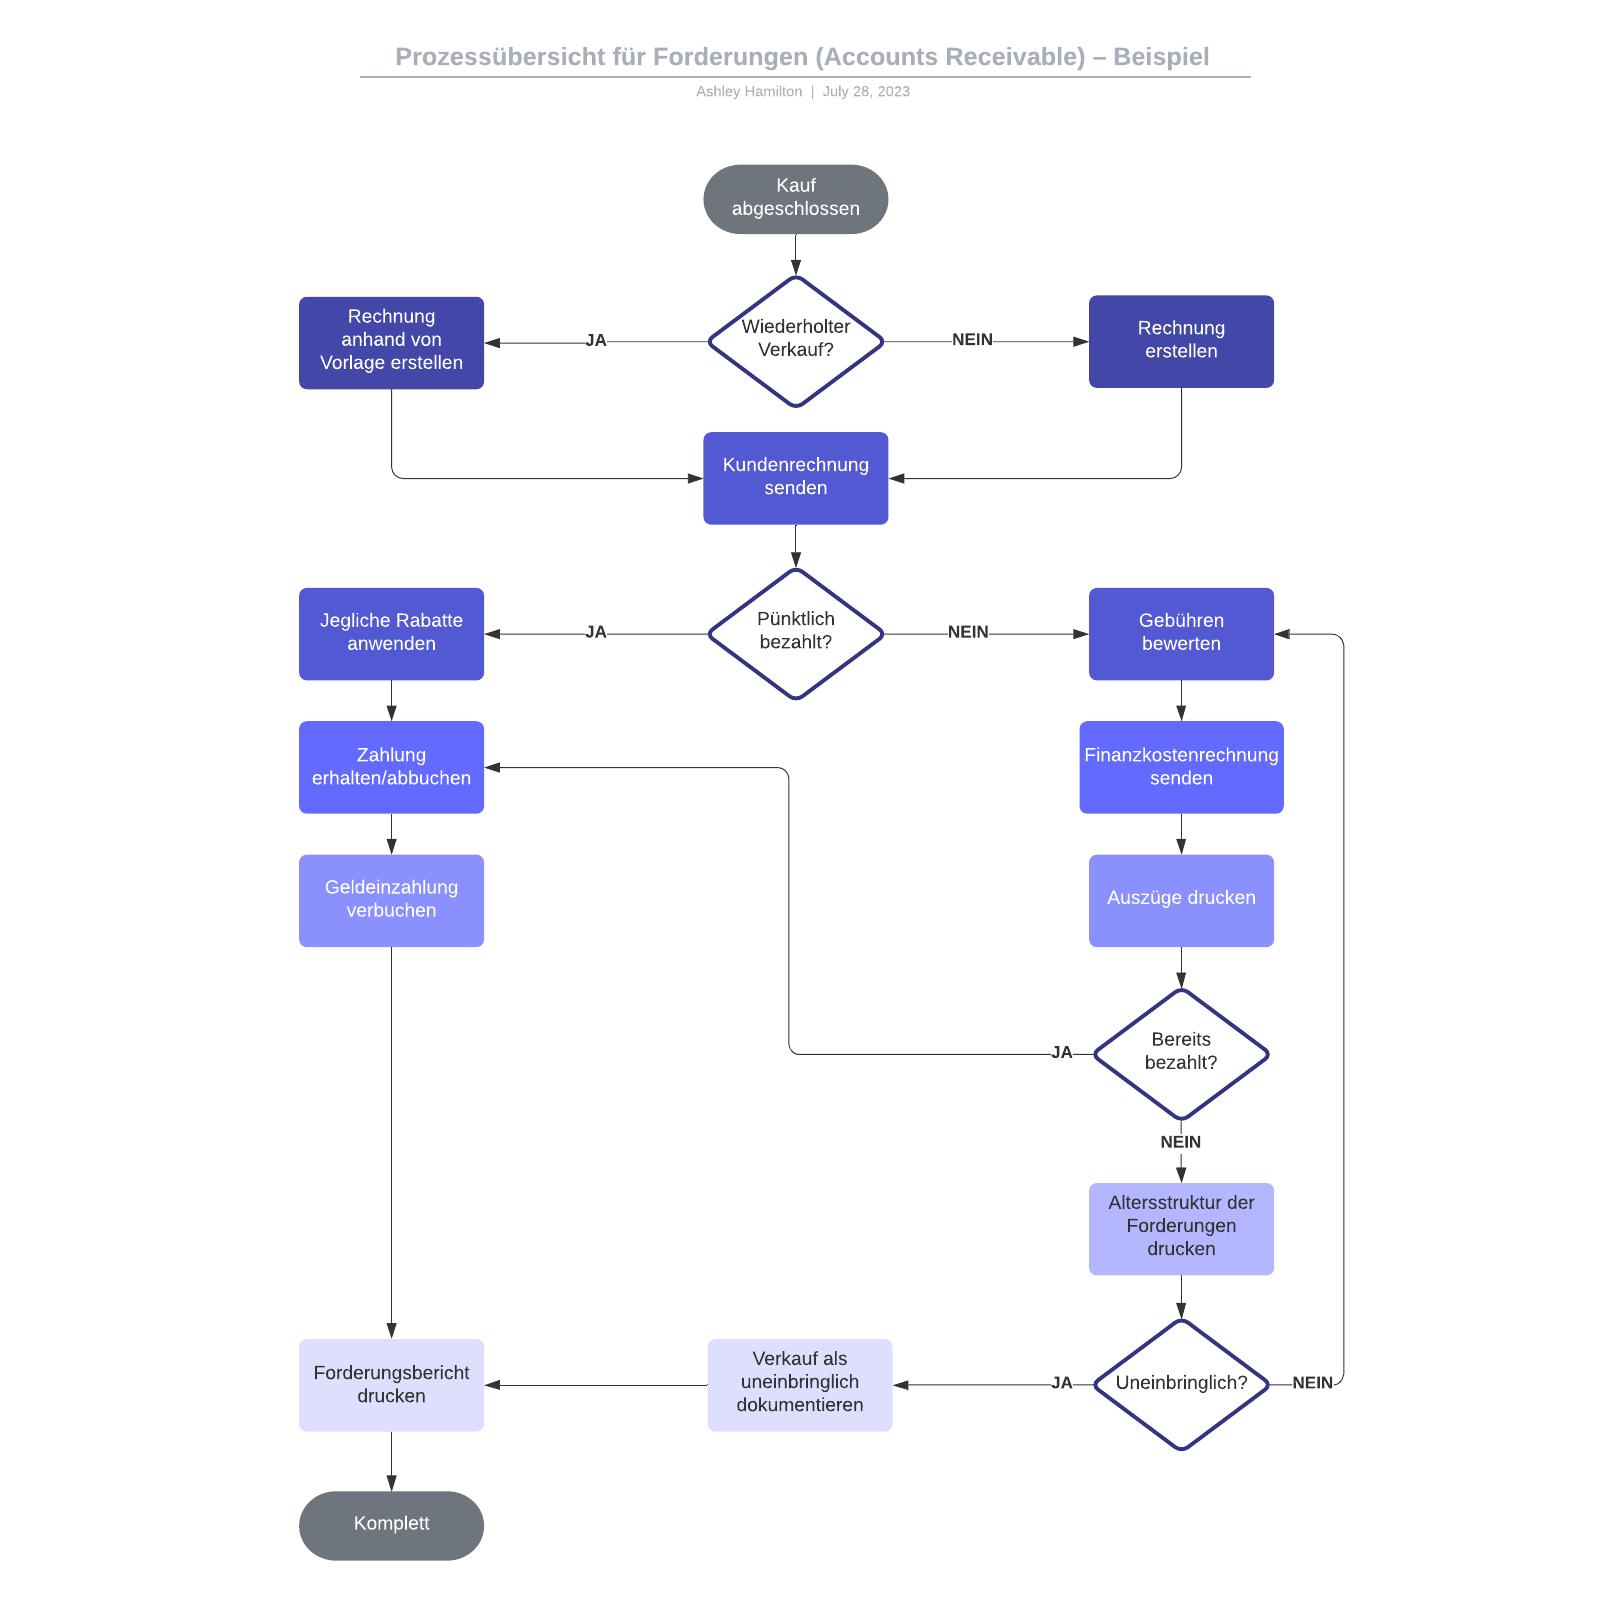 Prozessübersicht (Accounts Receivable) – Beispiel